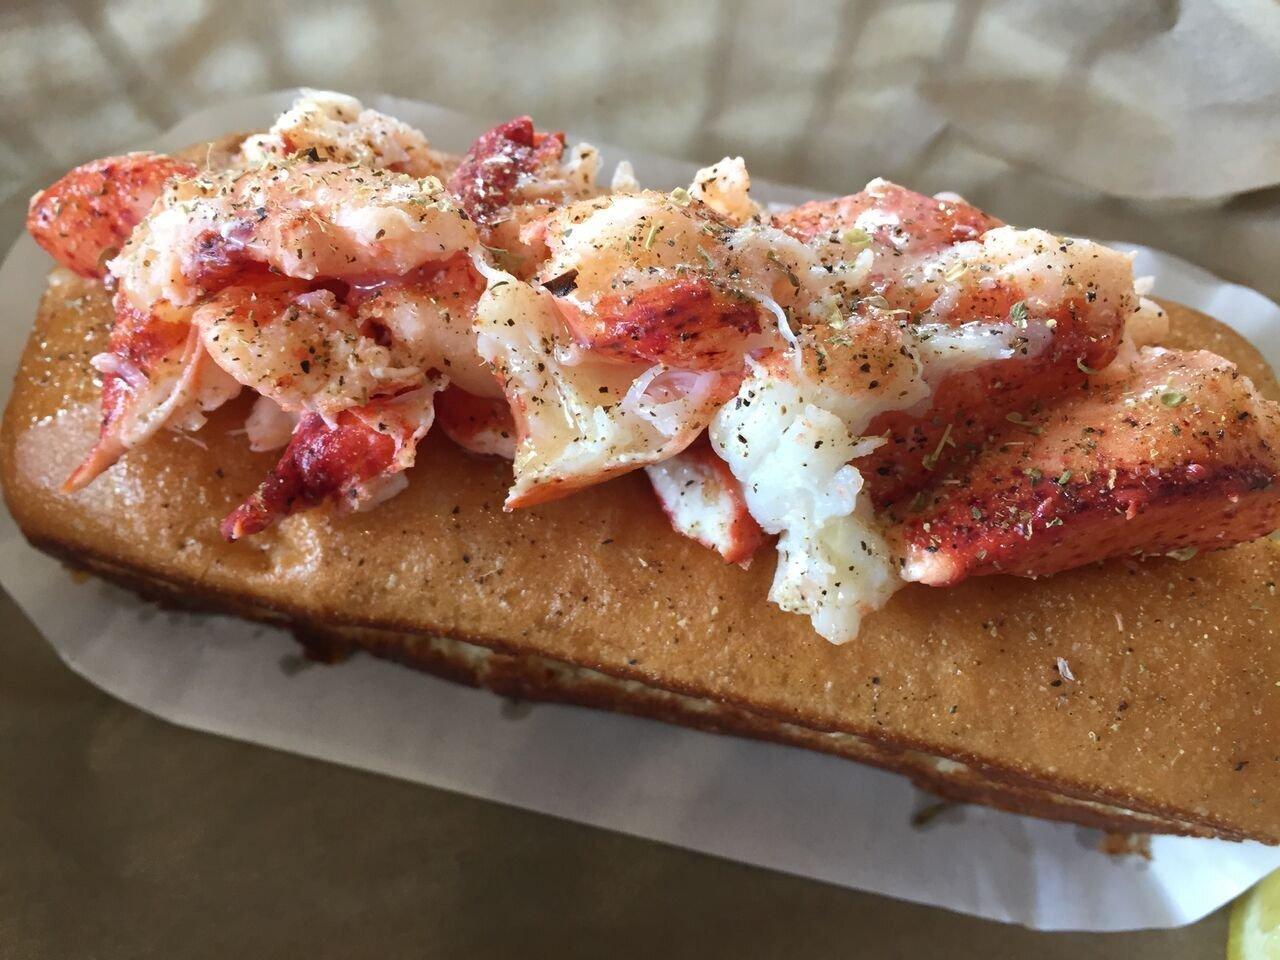 San Diego's best lobster rolls